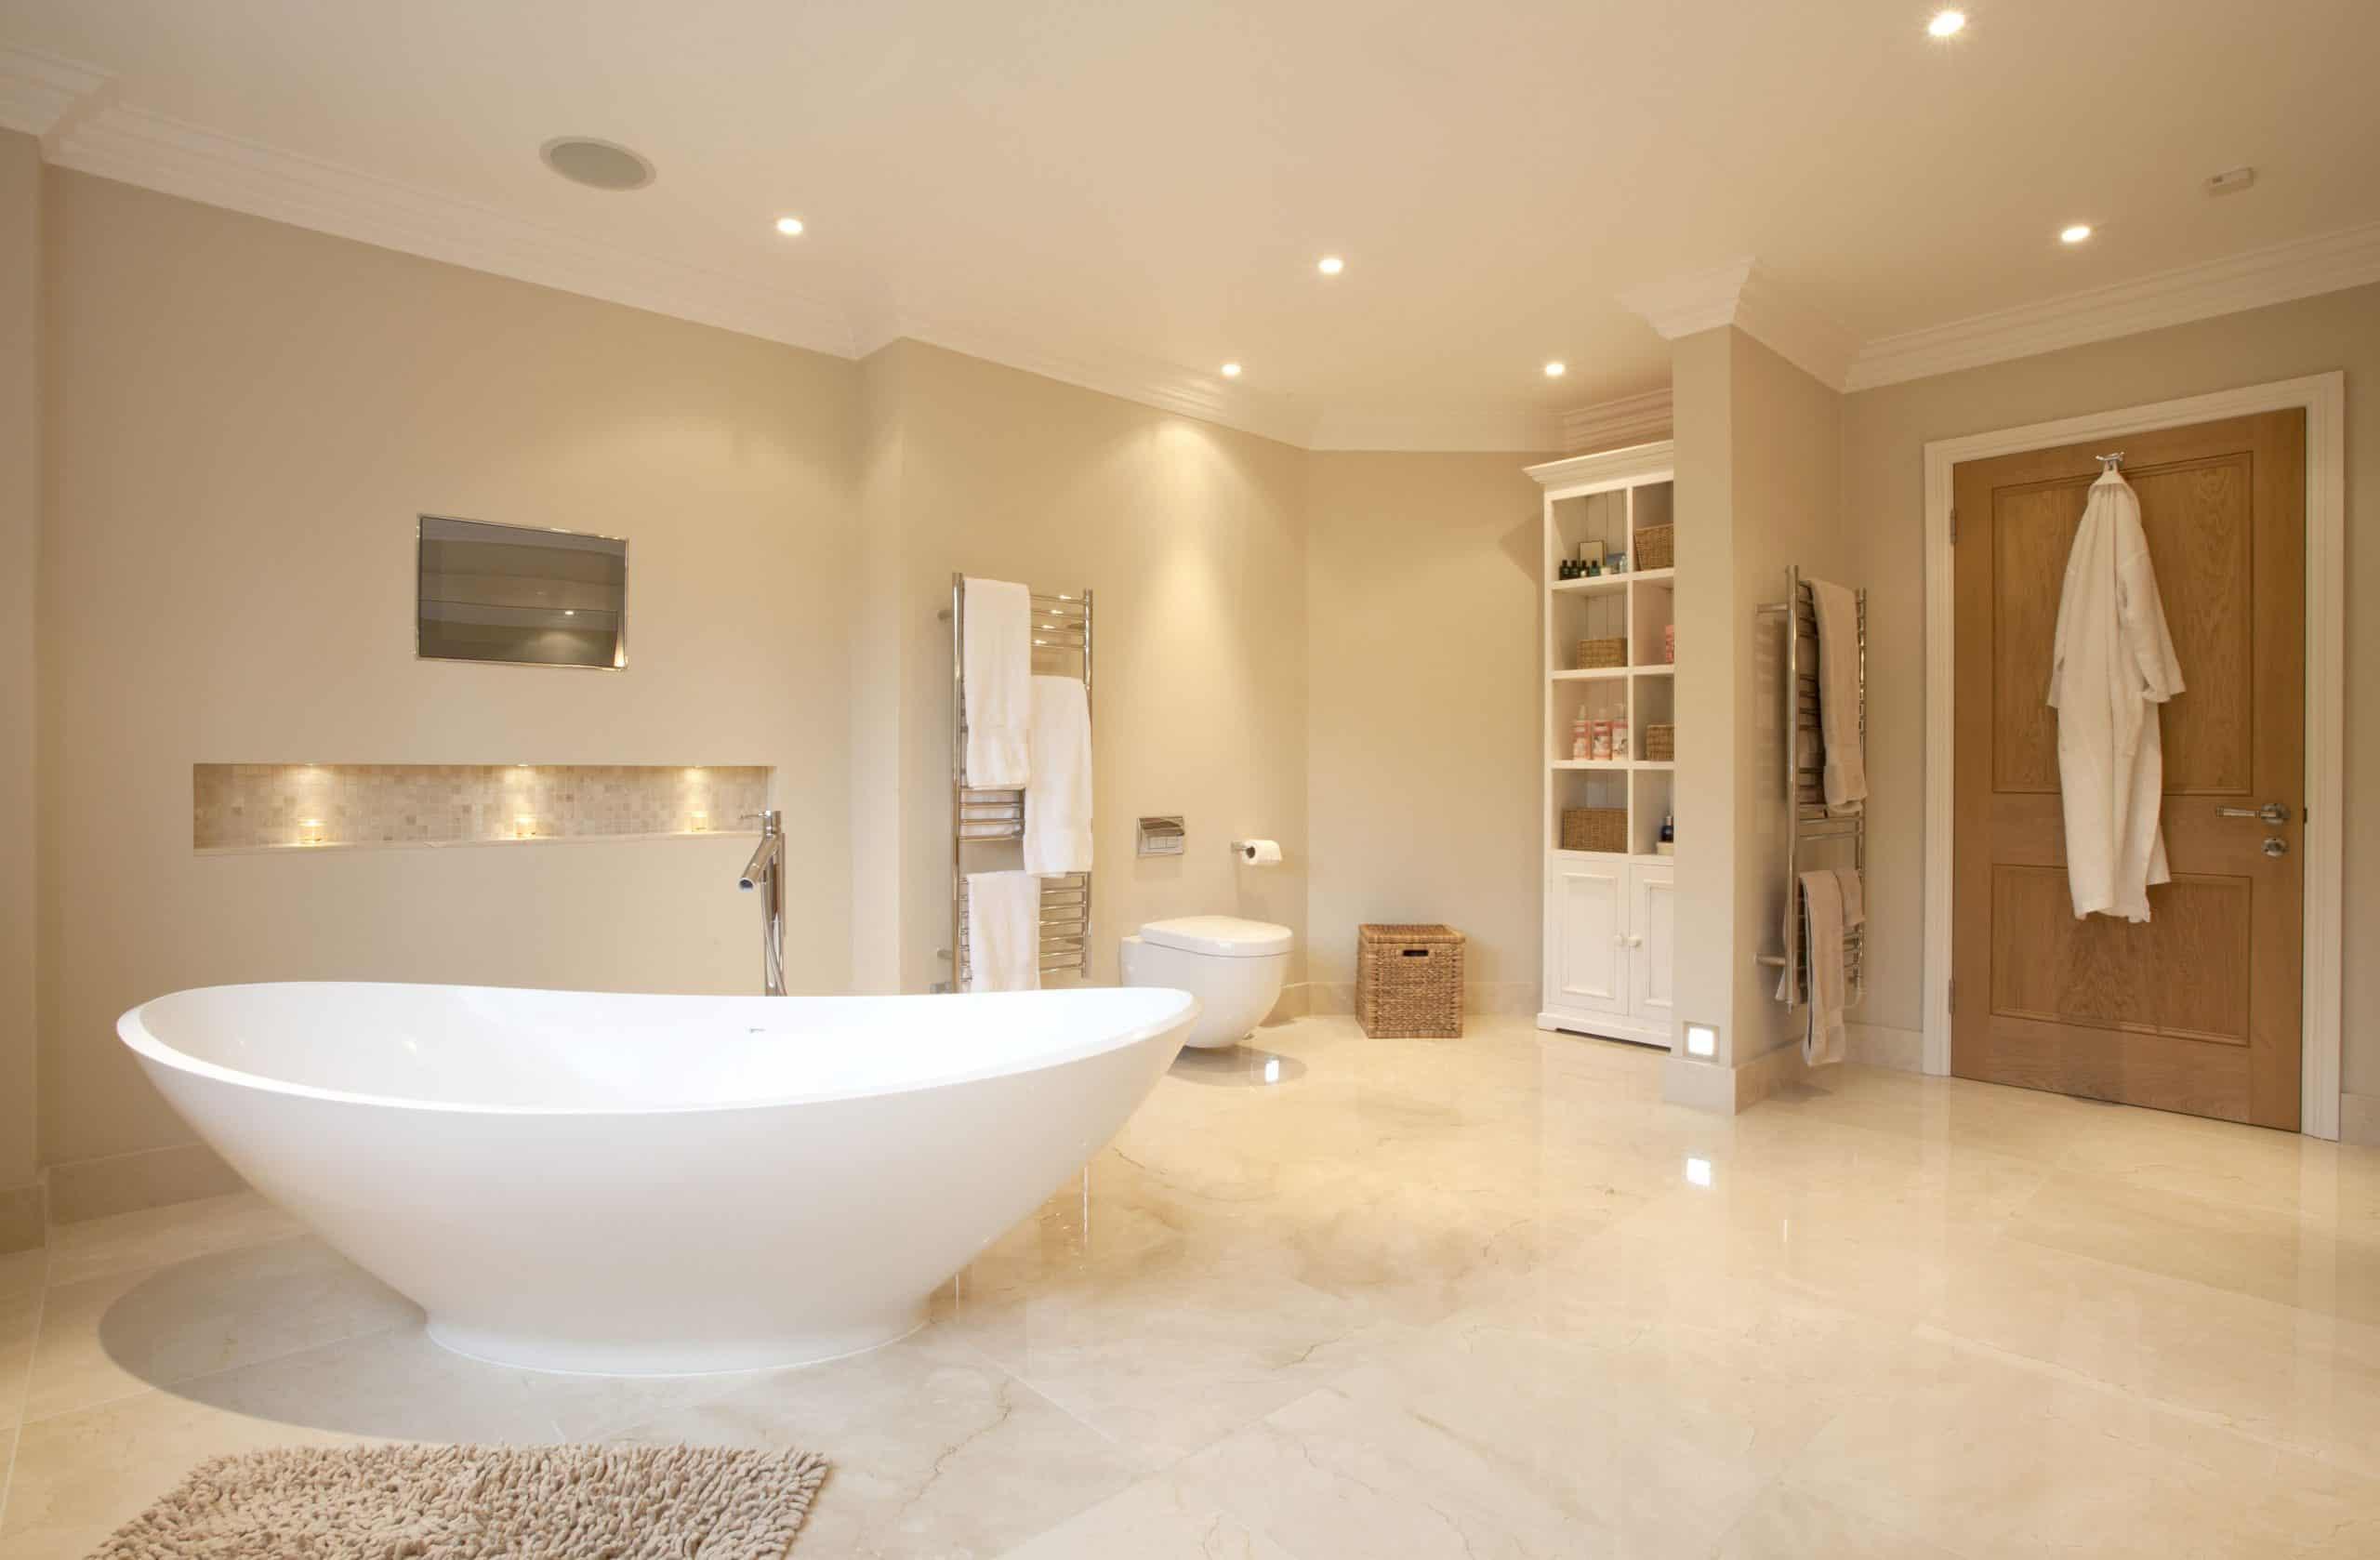 marmore crema marfil no banheiro